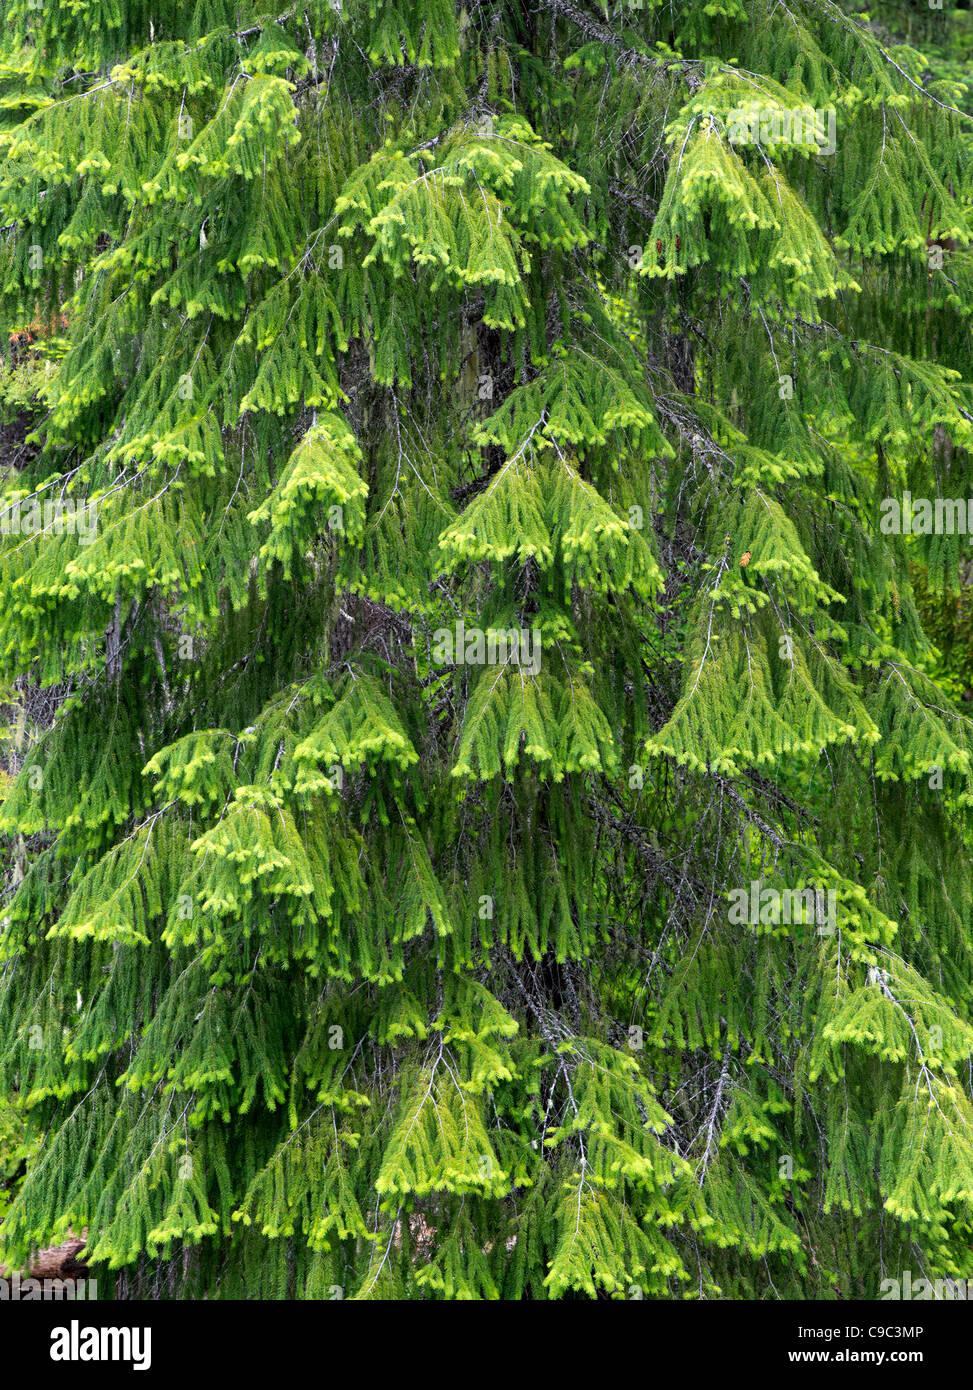 Muelle nuevo crecimiento de abeto Douglas. Rogue River National Forest, Oregón Foto de stock